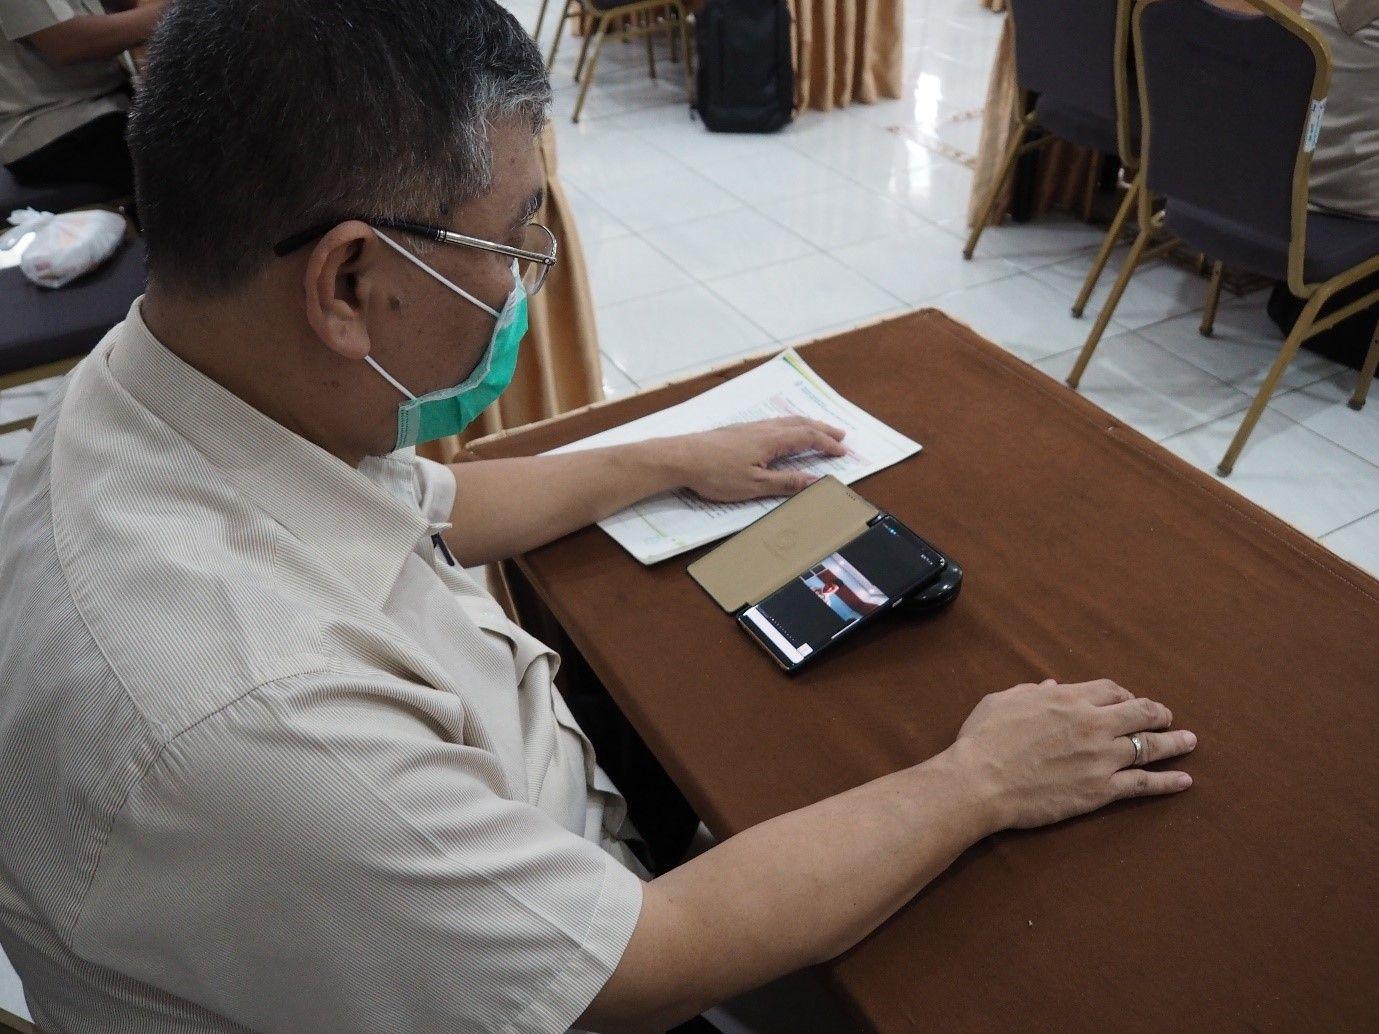 Deskripsi : RSKO Jakarta Menyelenggarakan Munggahan Secara Online I Sumber Foto : dokpri